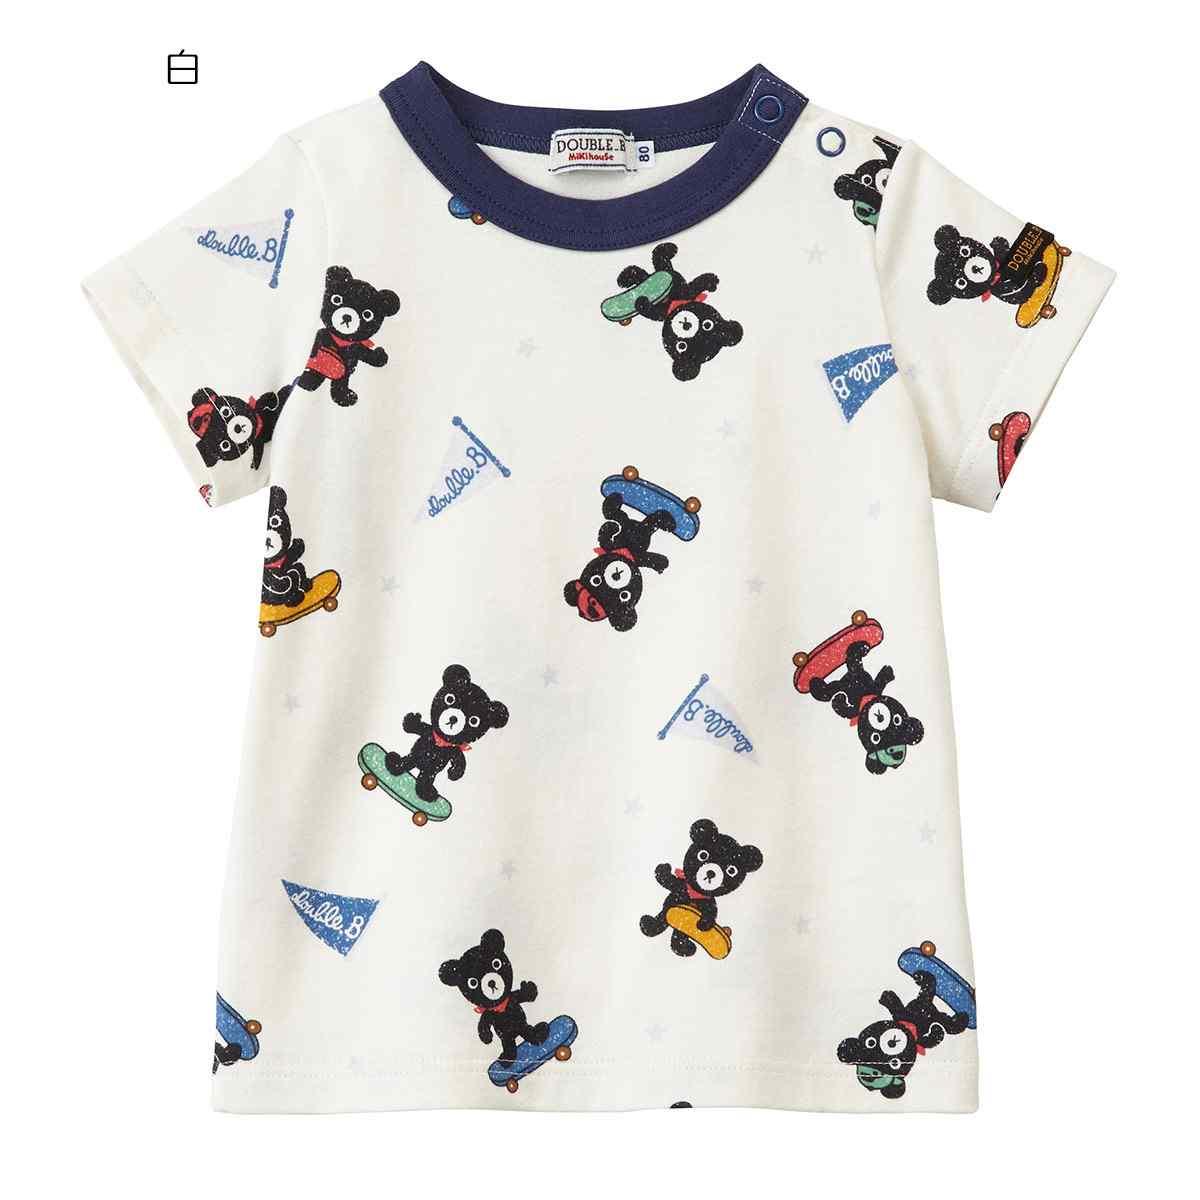 【海外販売専用】☆ ダブルビー ミキハウス DOUBLE_B mikihouse Tシャツ (110cm・120cm・130cm)【62-5201-455】